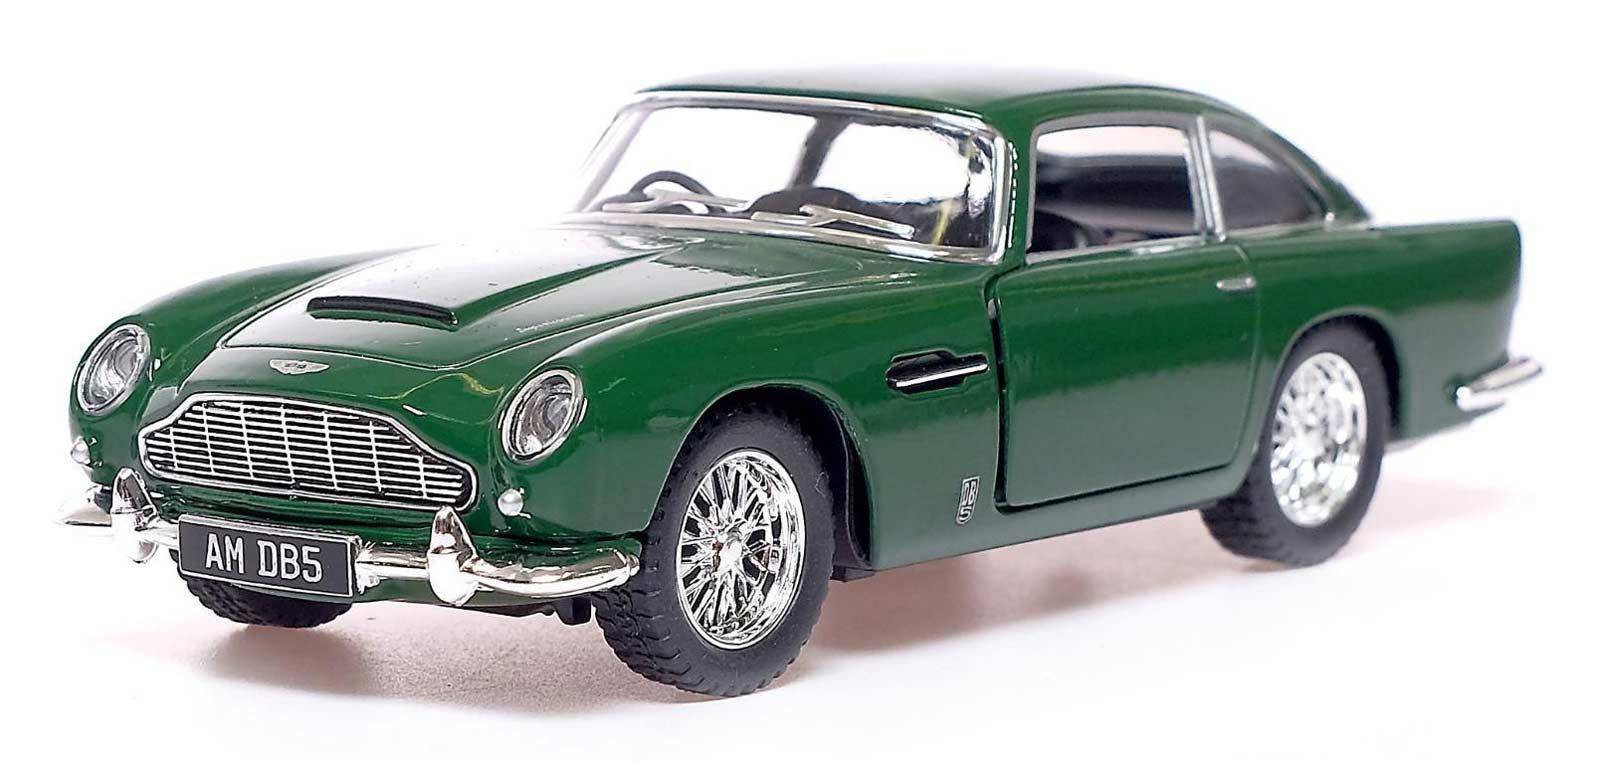 Металлическая машинка Kinsmart 1:38 «Aston Martin DB5» KT5406D, инерционная / Микс